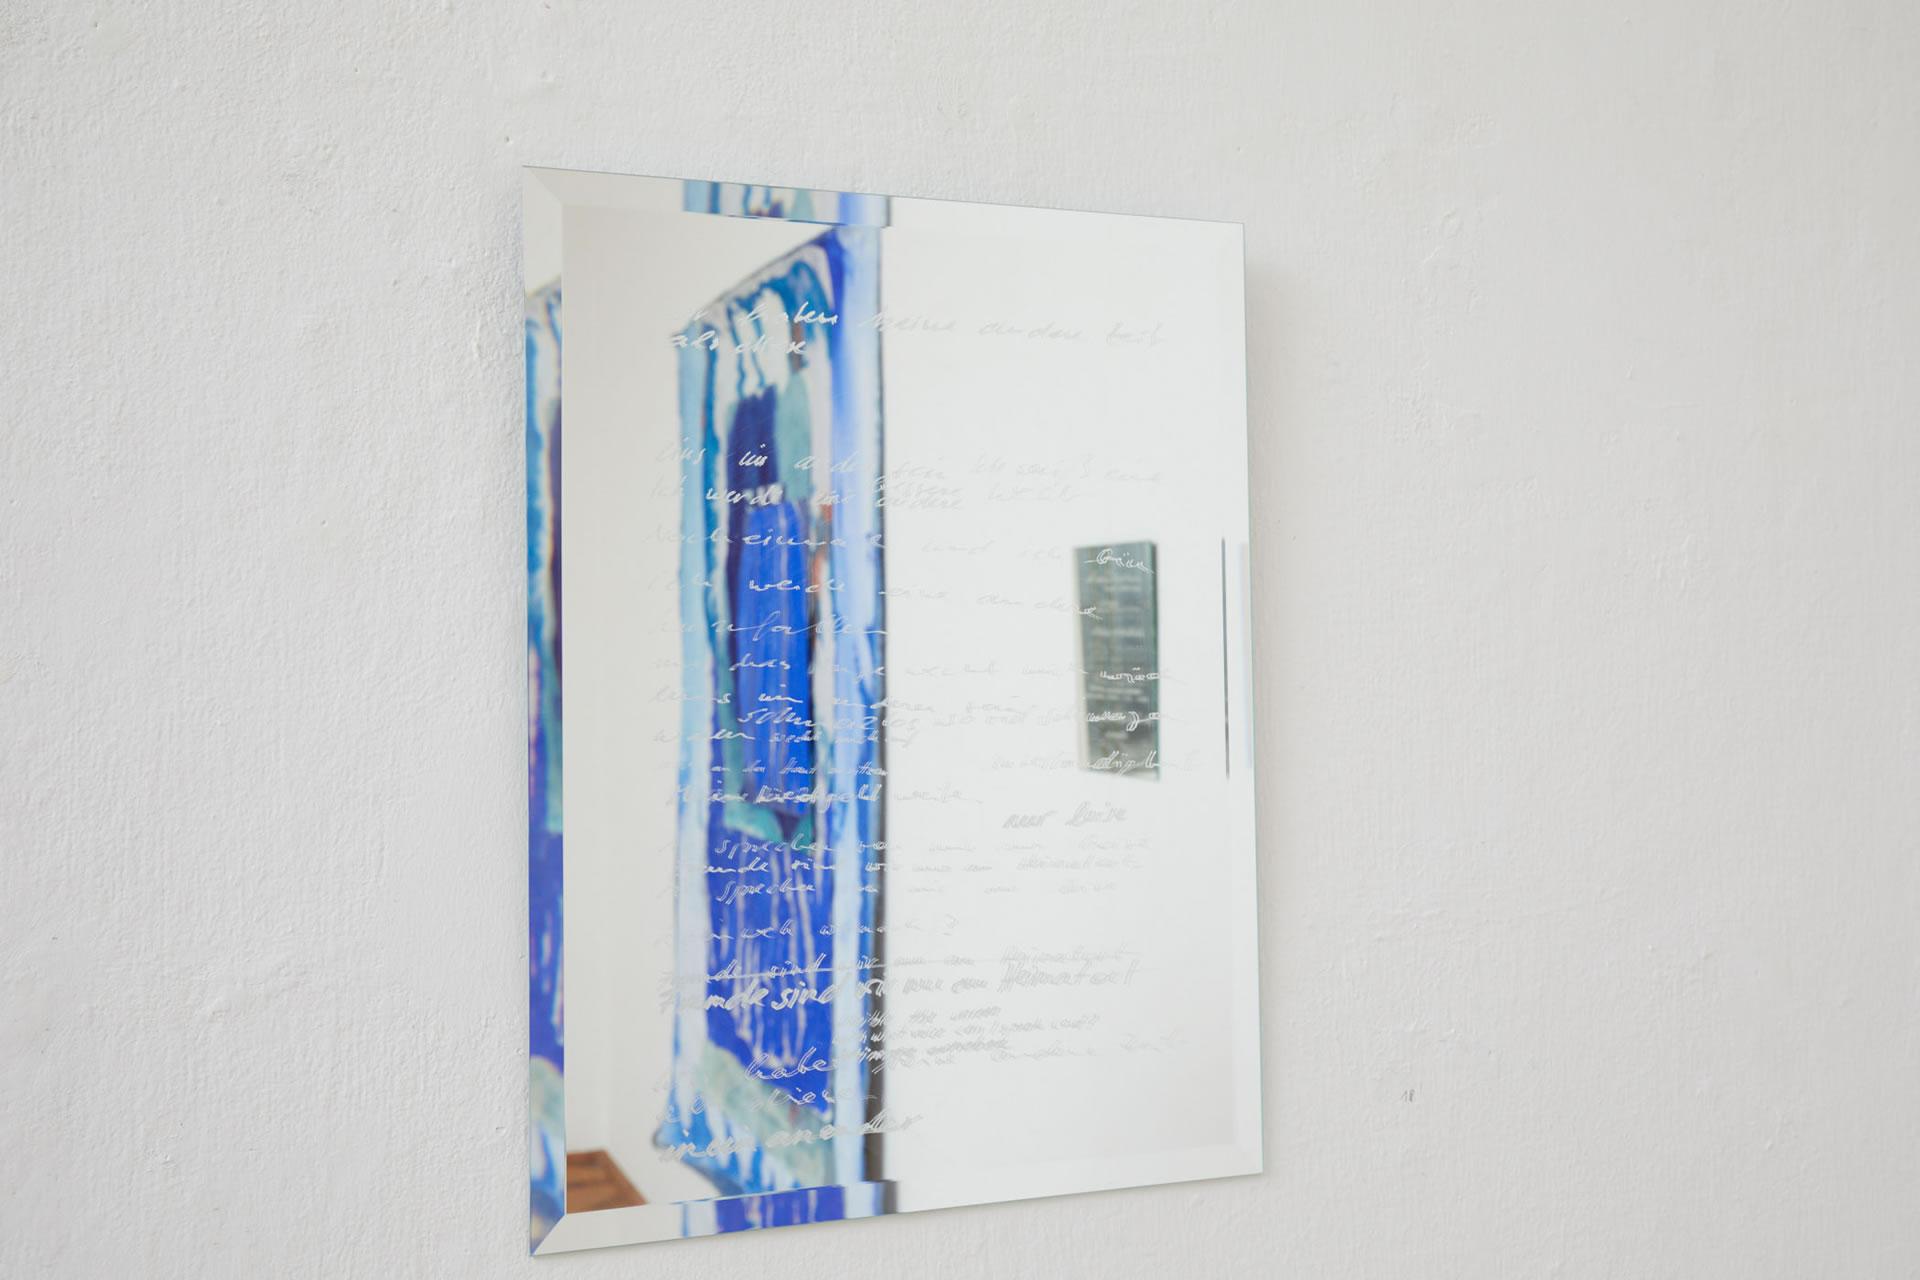 Veronika Dirnhofer | Radikal anders verhalten | 2018 | Spiegel graviert | 31 x 23 cm | Galerie3 | Foto Johannes Puch